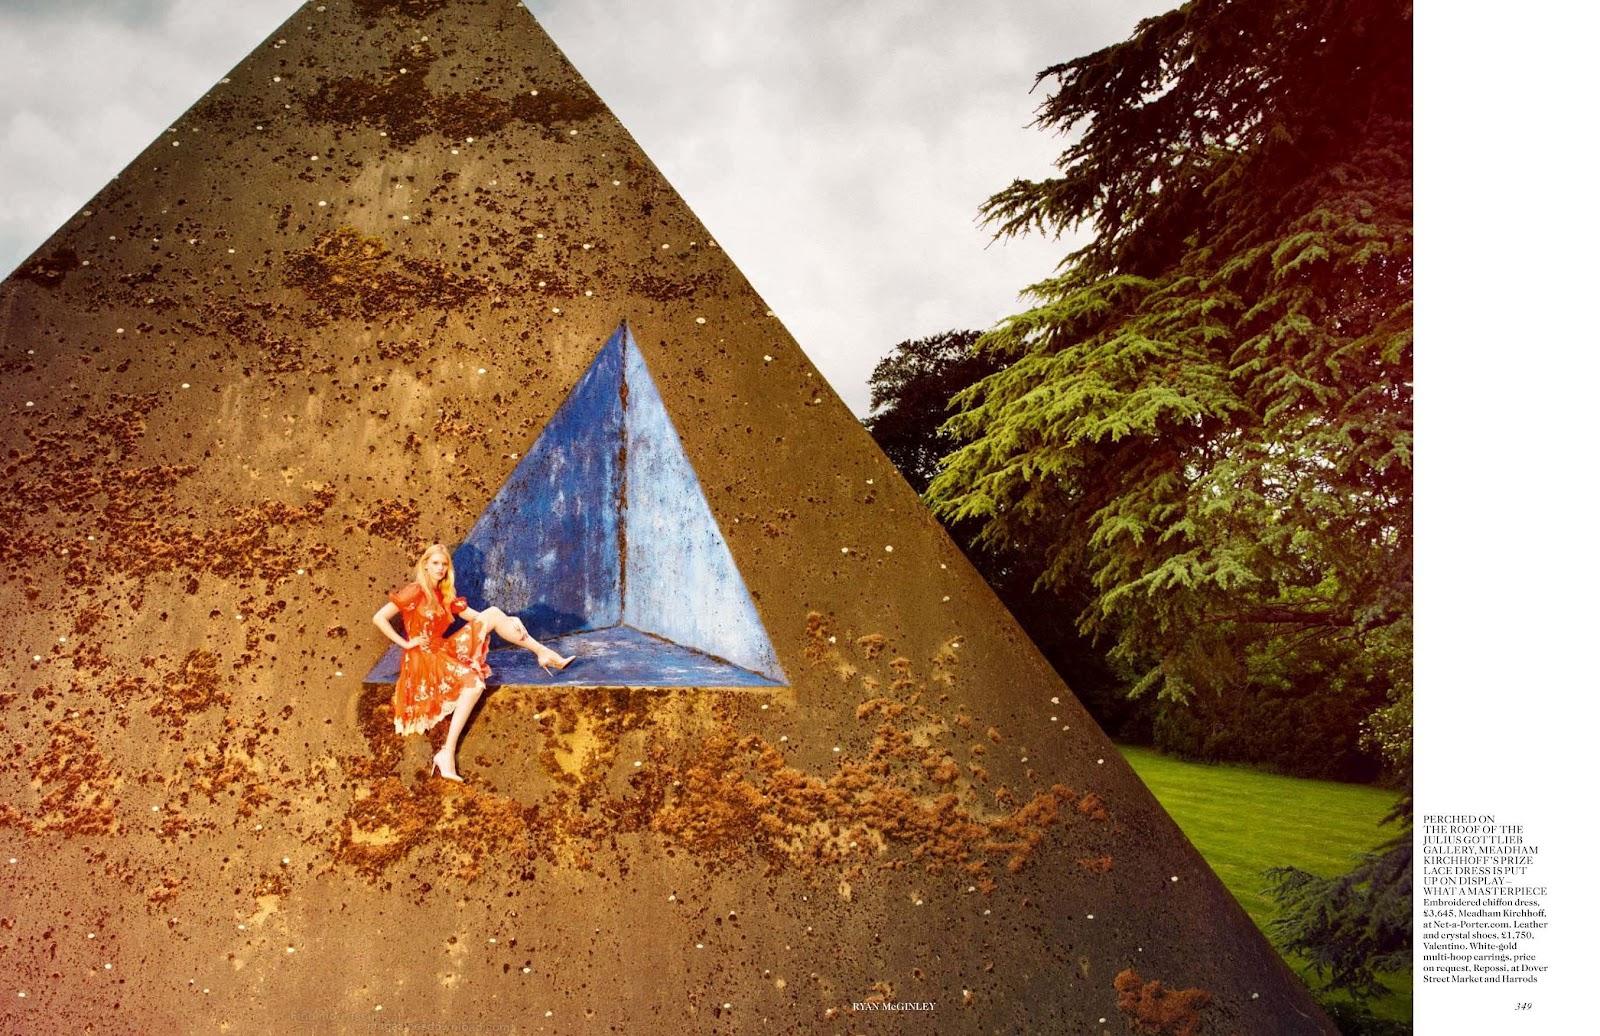 http://2.bp.blogspot.com/-TqNmBbilZAU/UCAz8XA4YDI/AAAAAAAAVNs/Ika6U3Ijys4/s1600/Lara+Stone+-+Vogue+UK+September+2012+3.jpg